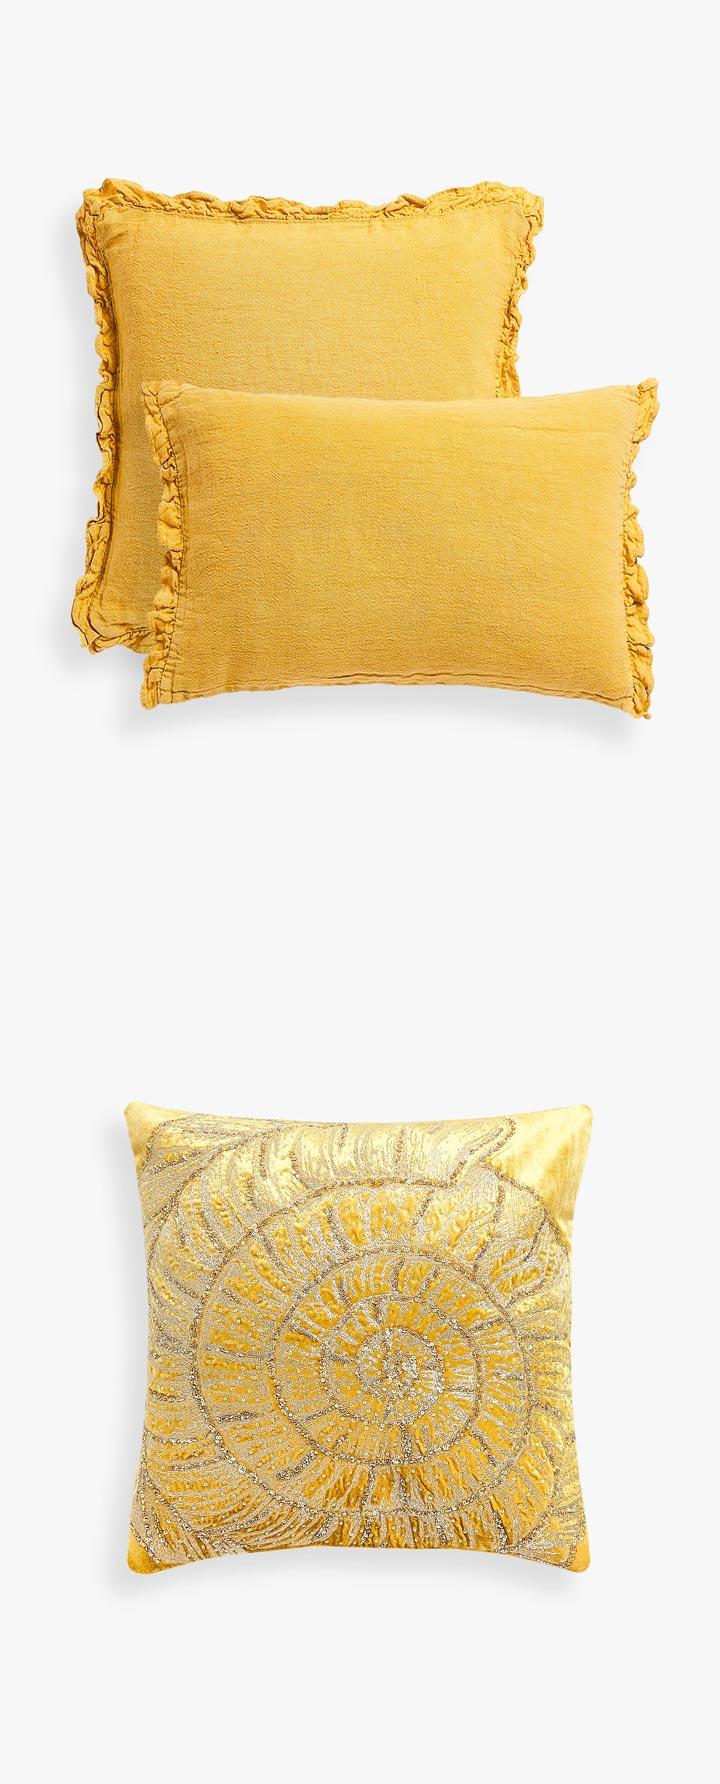 Cojines para la habitación en Zara Home bordados y lisos